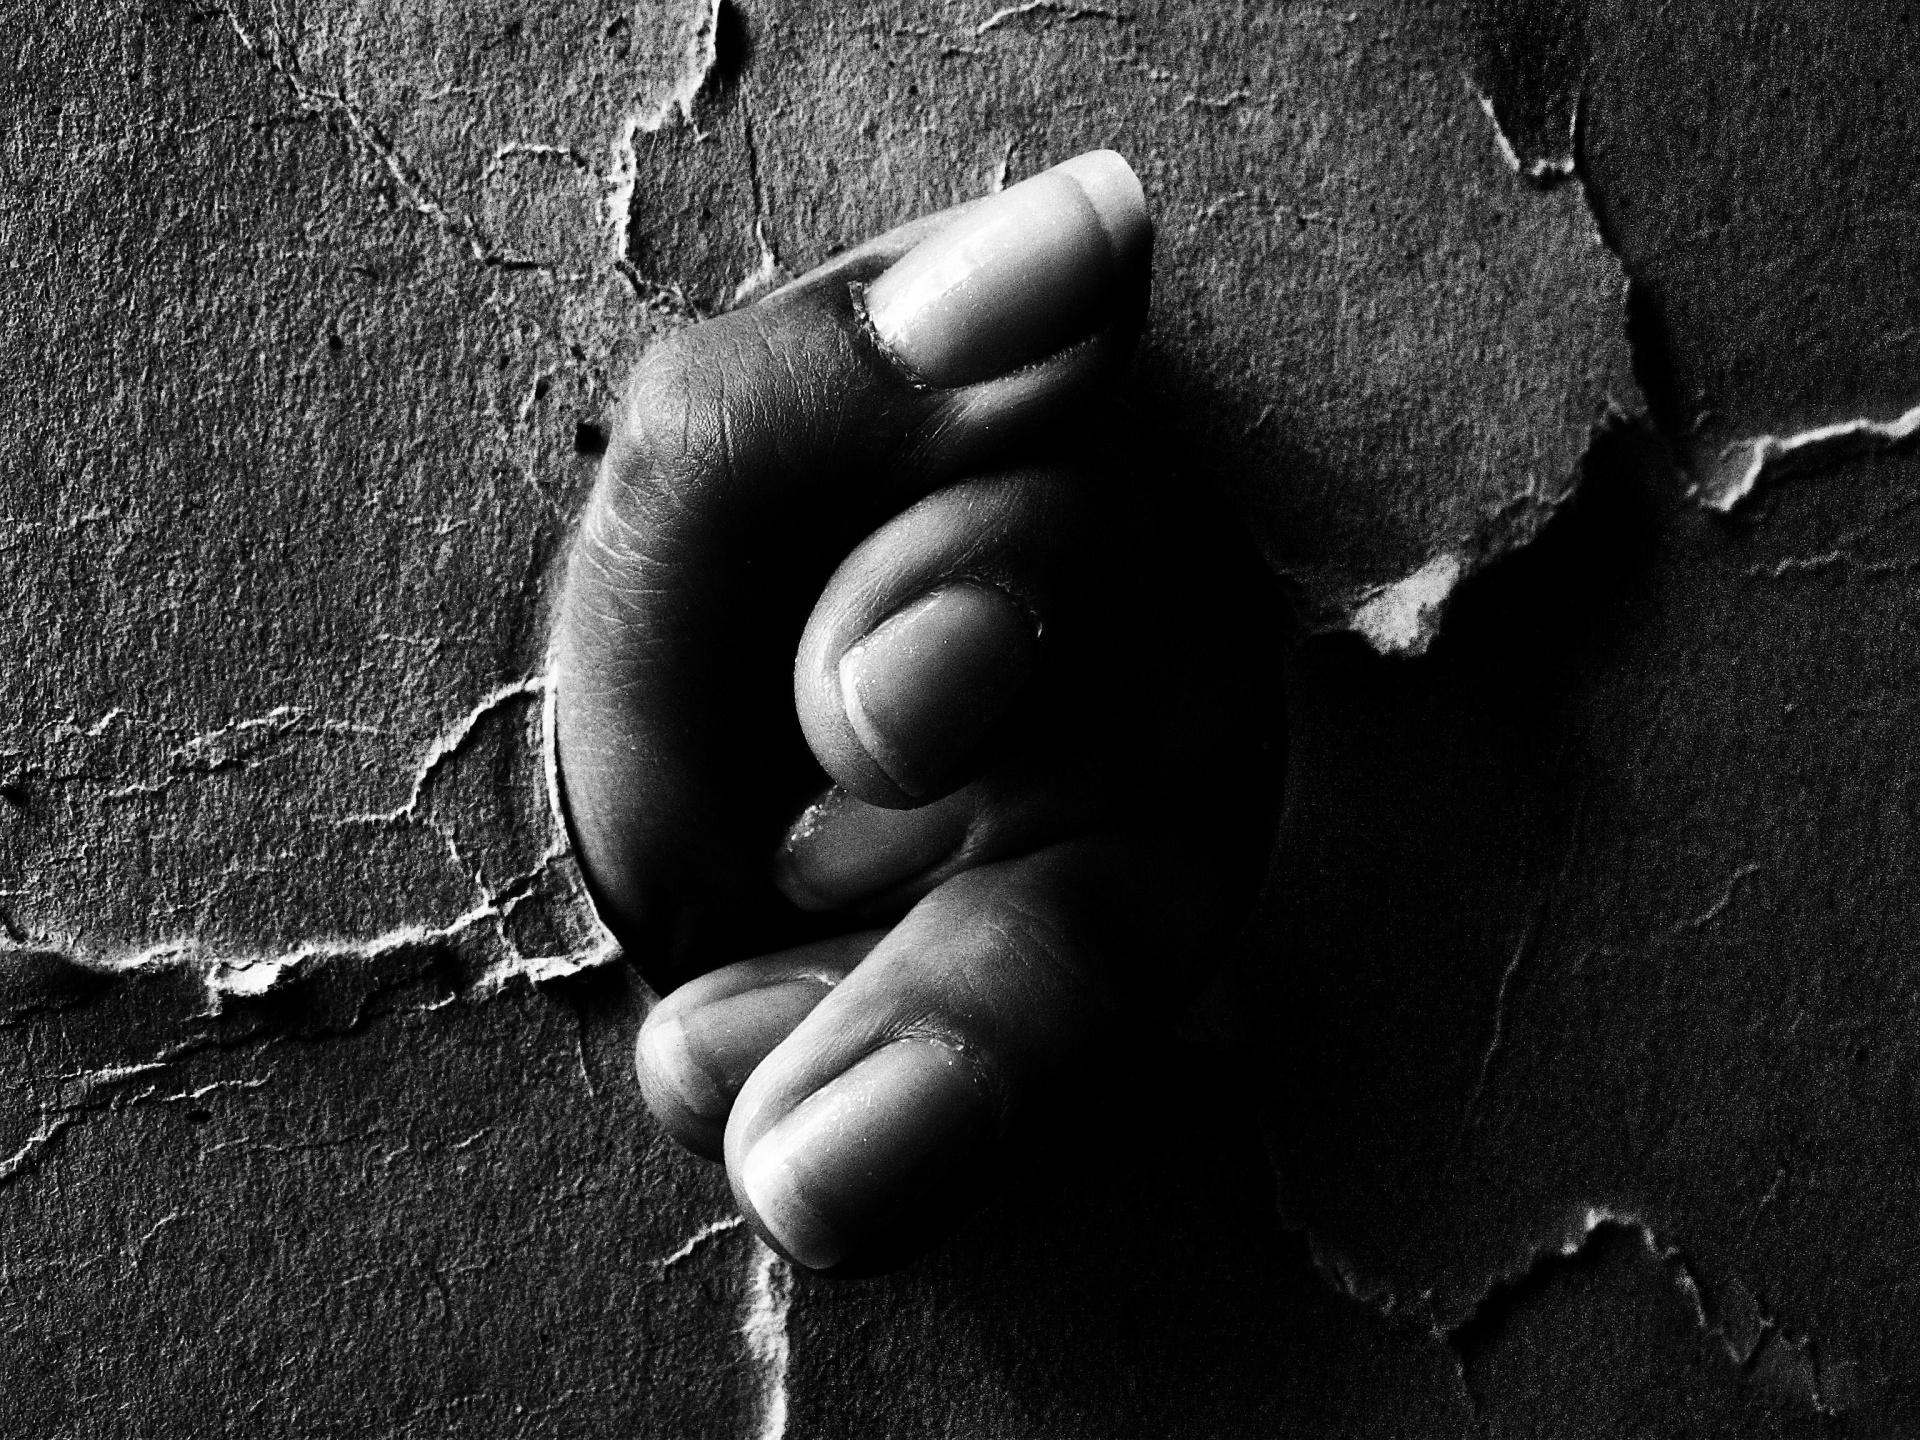 Hands,